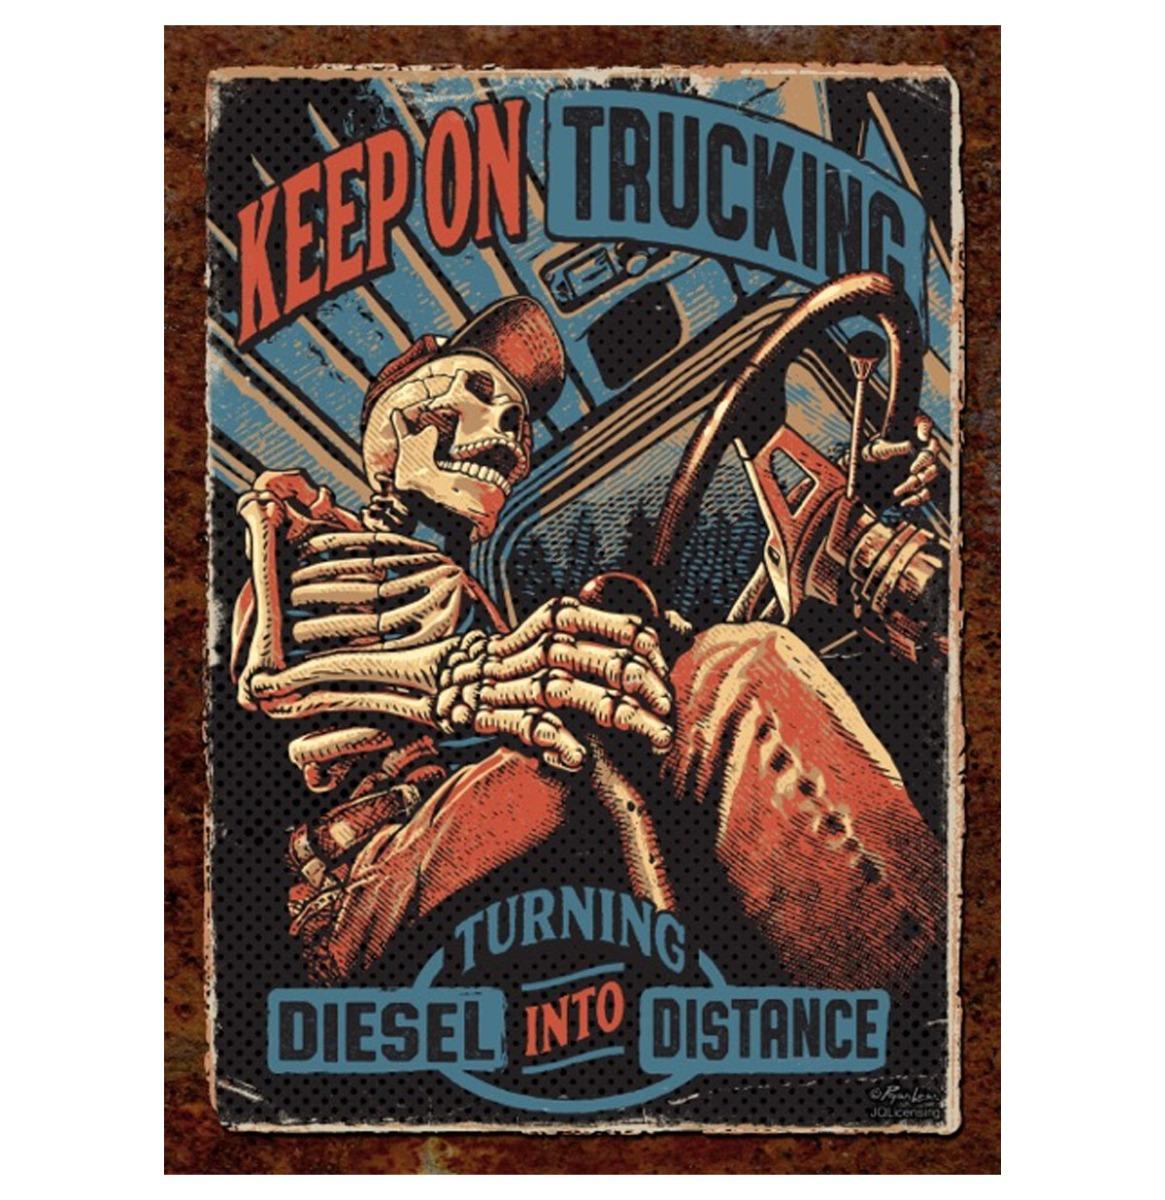 Keep Trucking - Metalen Bord Met Reliëf - 43 x 31 cm